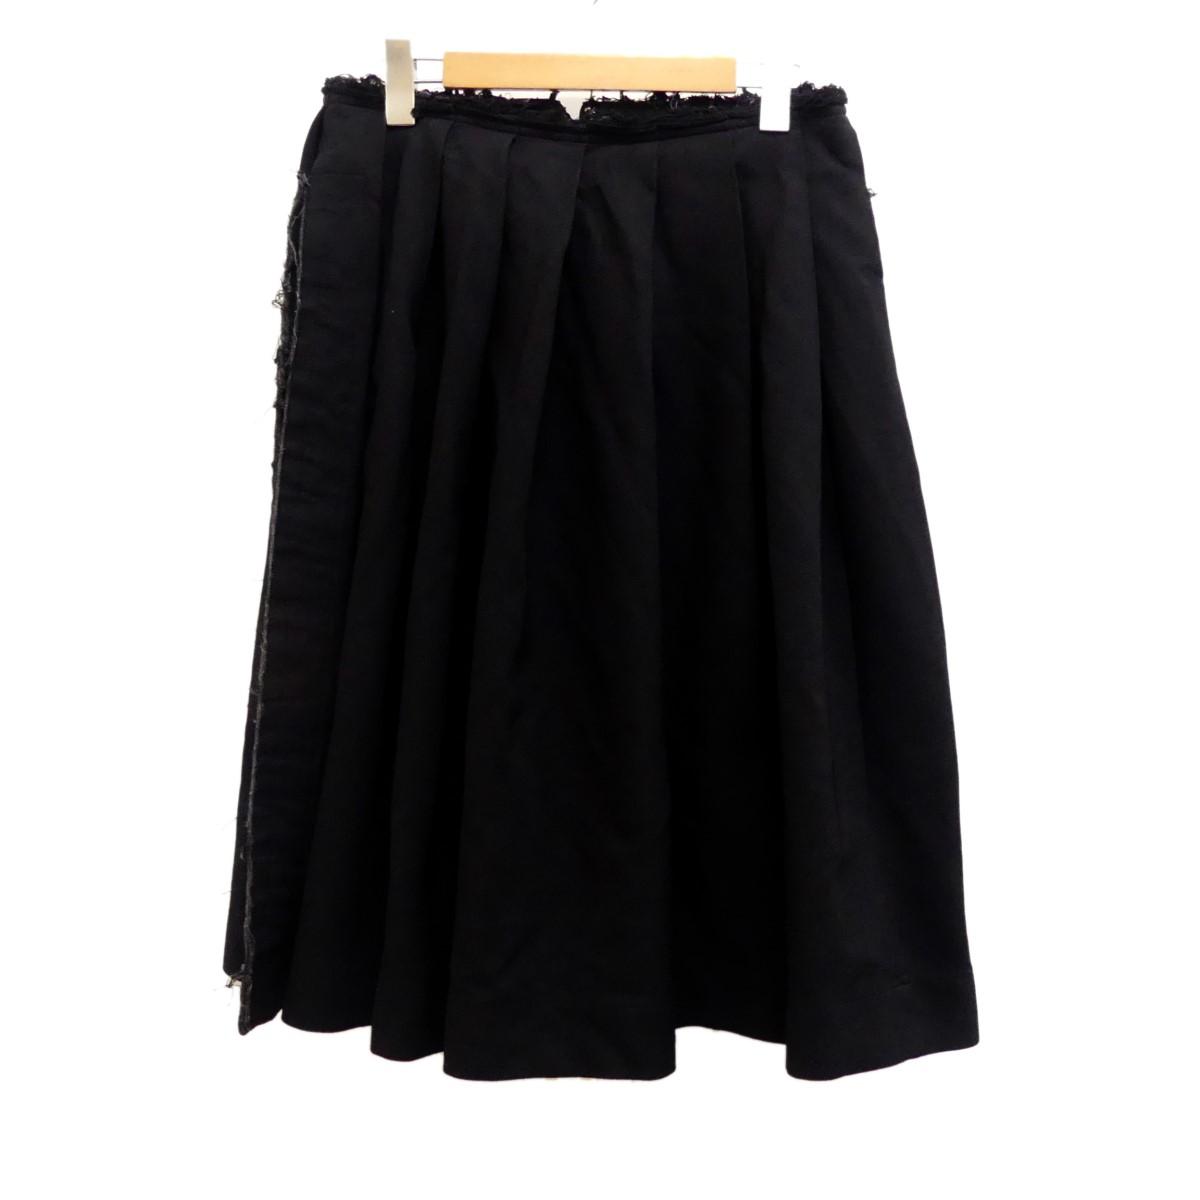 【中古】COMME des GARCONS2019SS カットオフスカート ブラック サイズ:XS